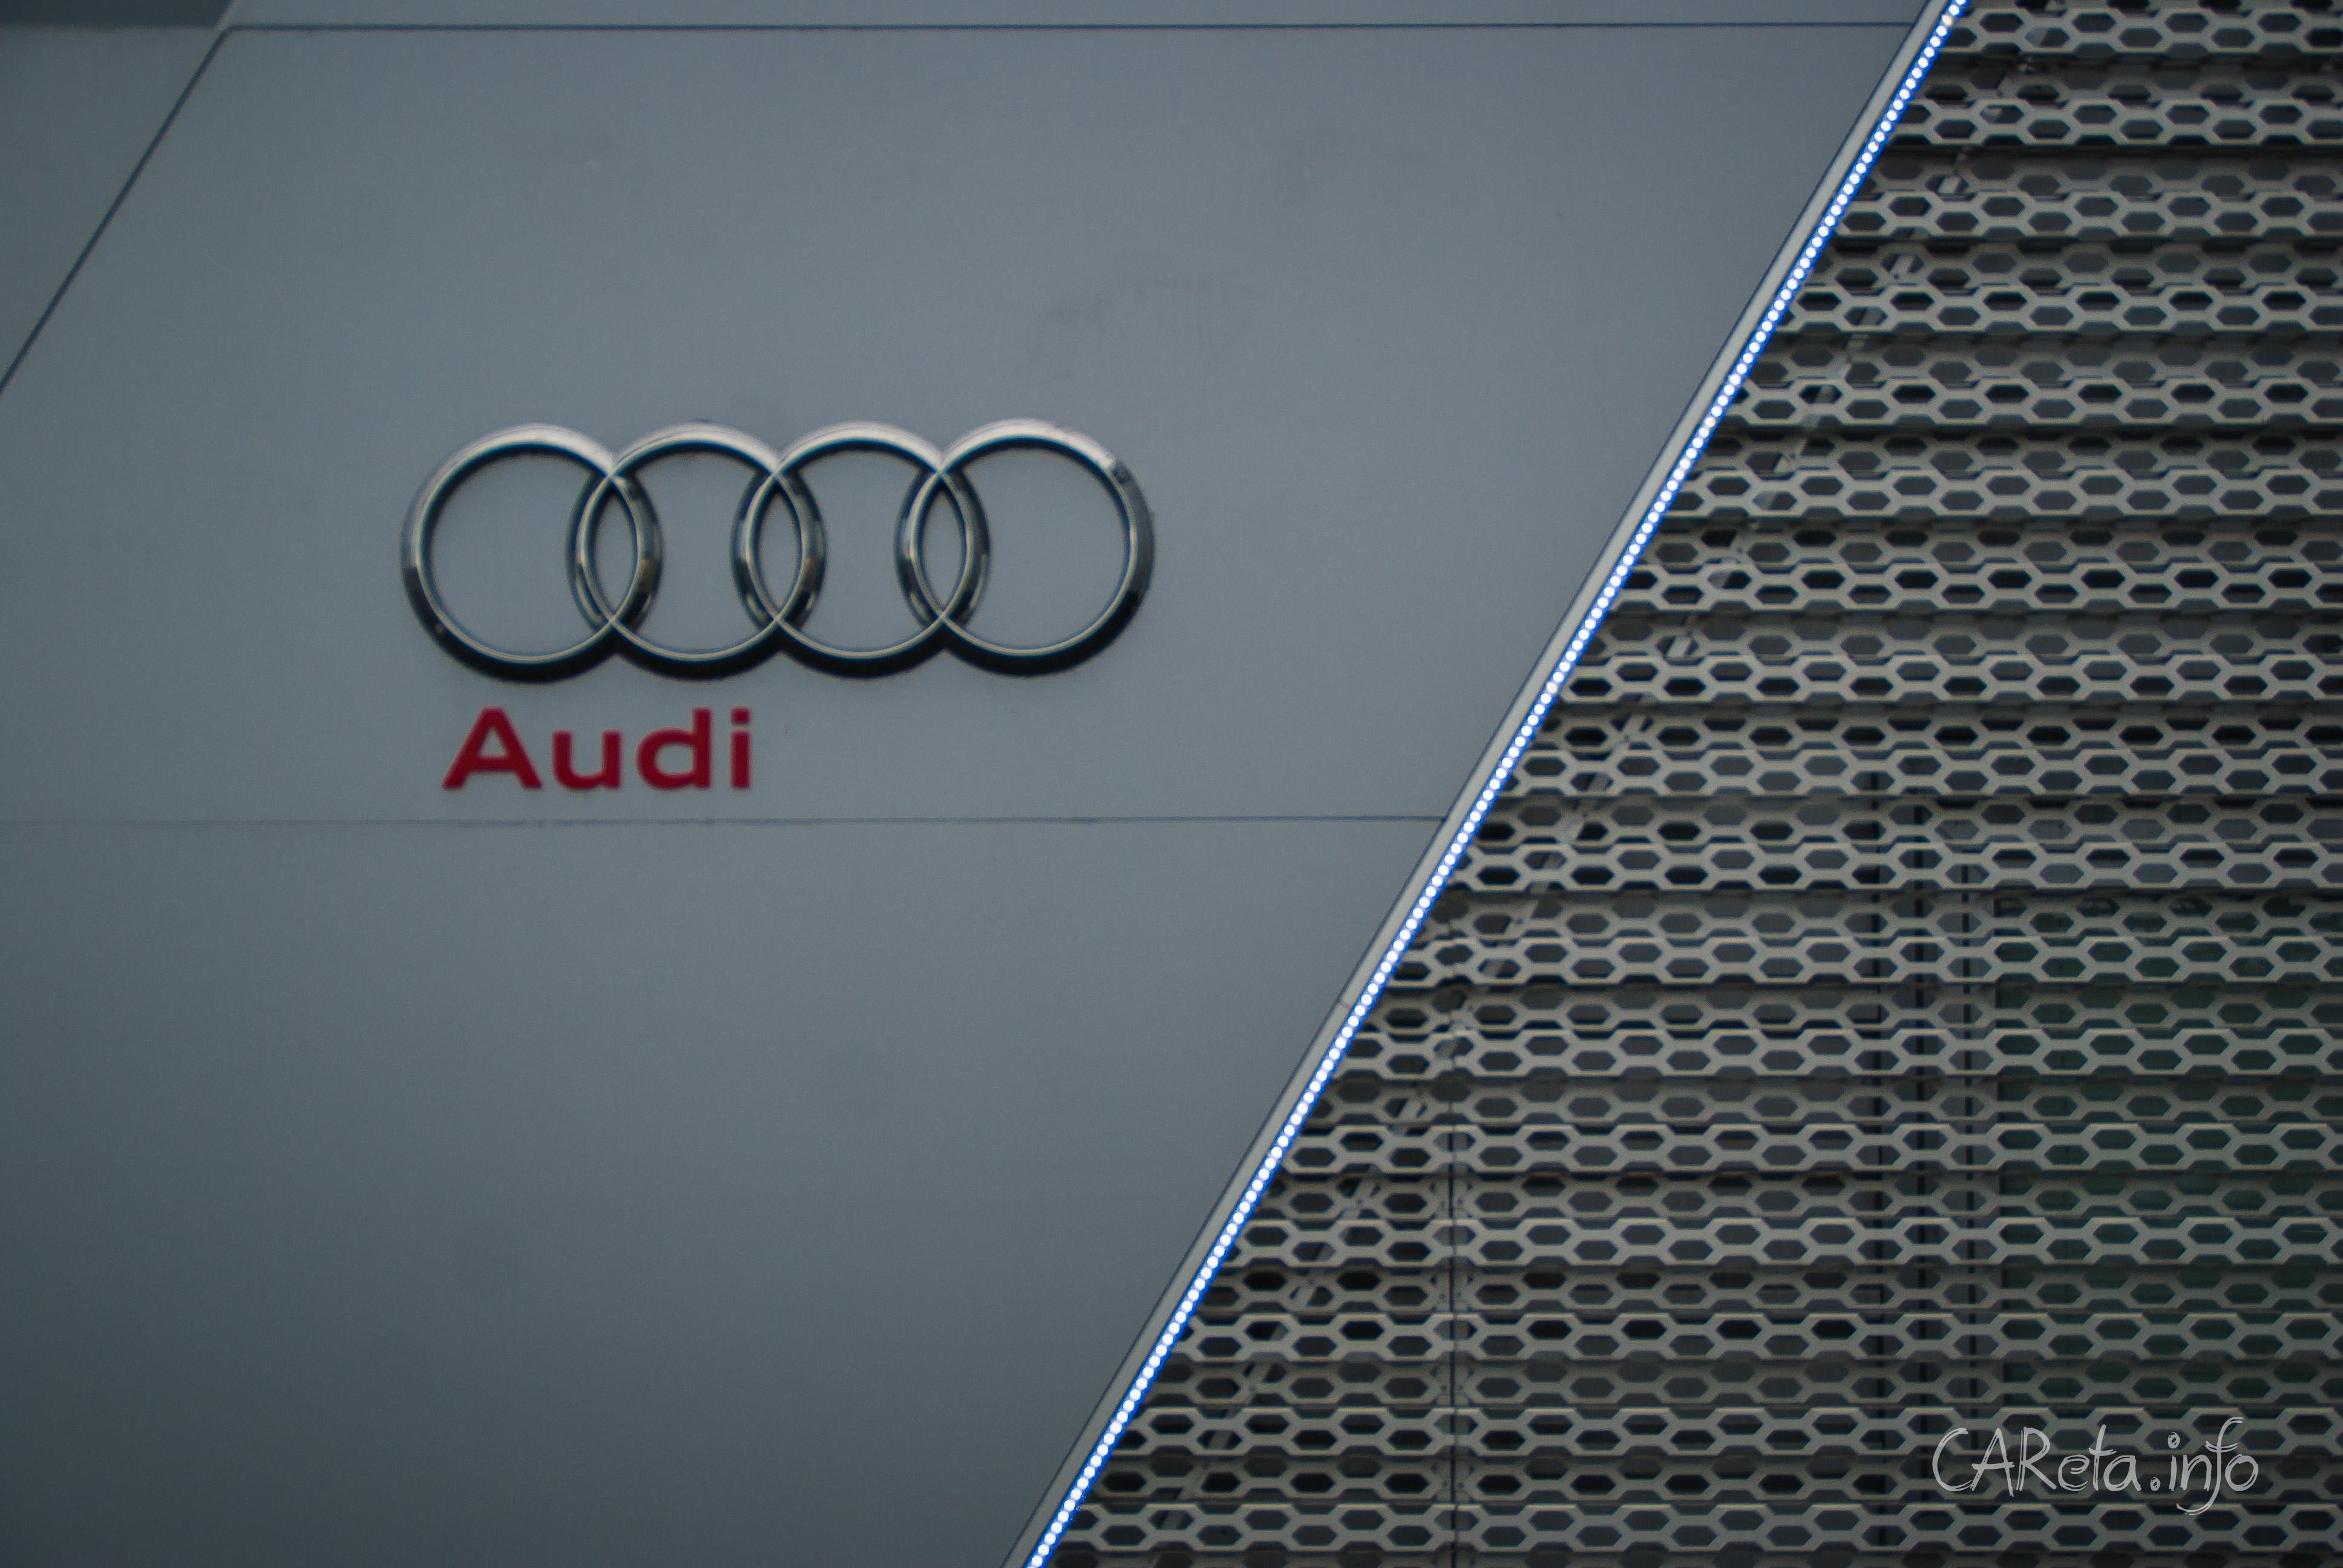 Почему так?, или История рождения имен автомобильных брендов